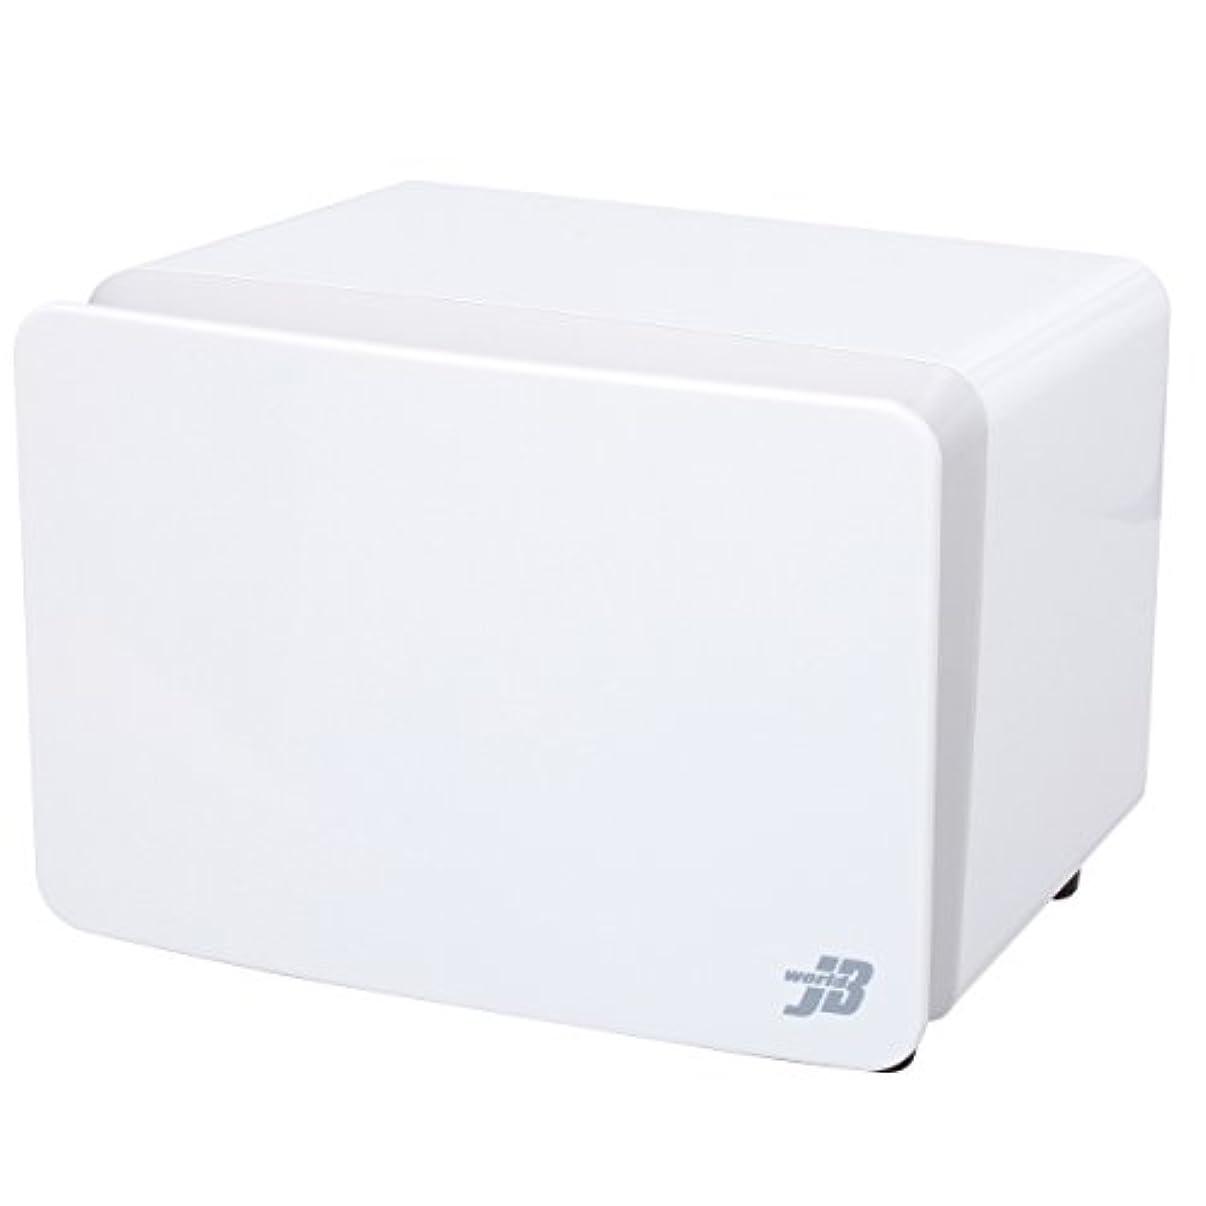 エステートあそこ暗いタオルウォーマー KRS-WM8 (前開き) ホワイト 8L 高さ25×幅33×奥行27cm [ タオル蒸し器 おしぼり蒸し器 タオルスチーマー ホットボックス タオル おしぼり ウォーマー スチーマー 小型 業務用 保温器 ]